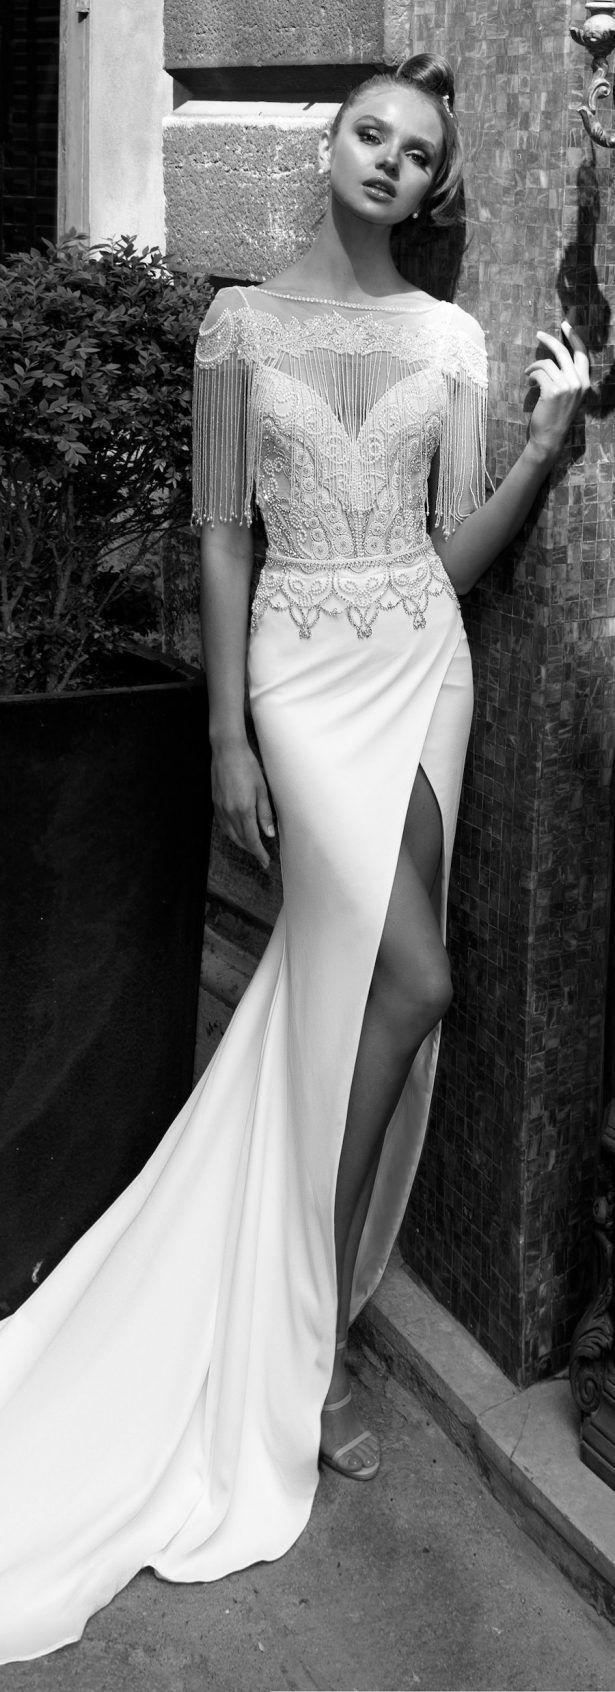 Mejores 101 imágenes de Mariage en Pinterest | Compromisos, Vestidos ...